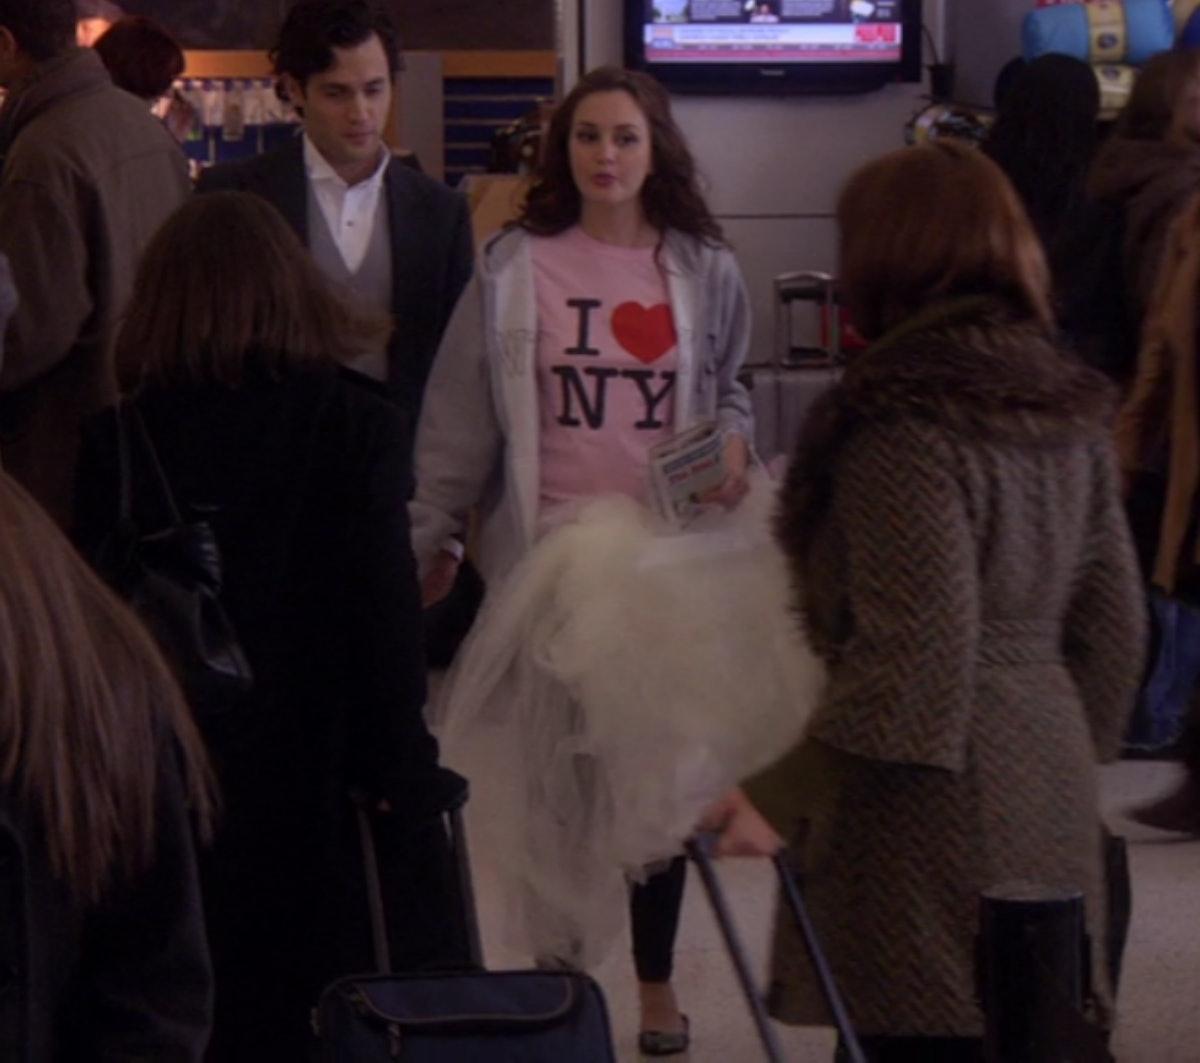 Dan and Blair in 'Gossip Girl'